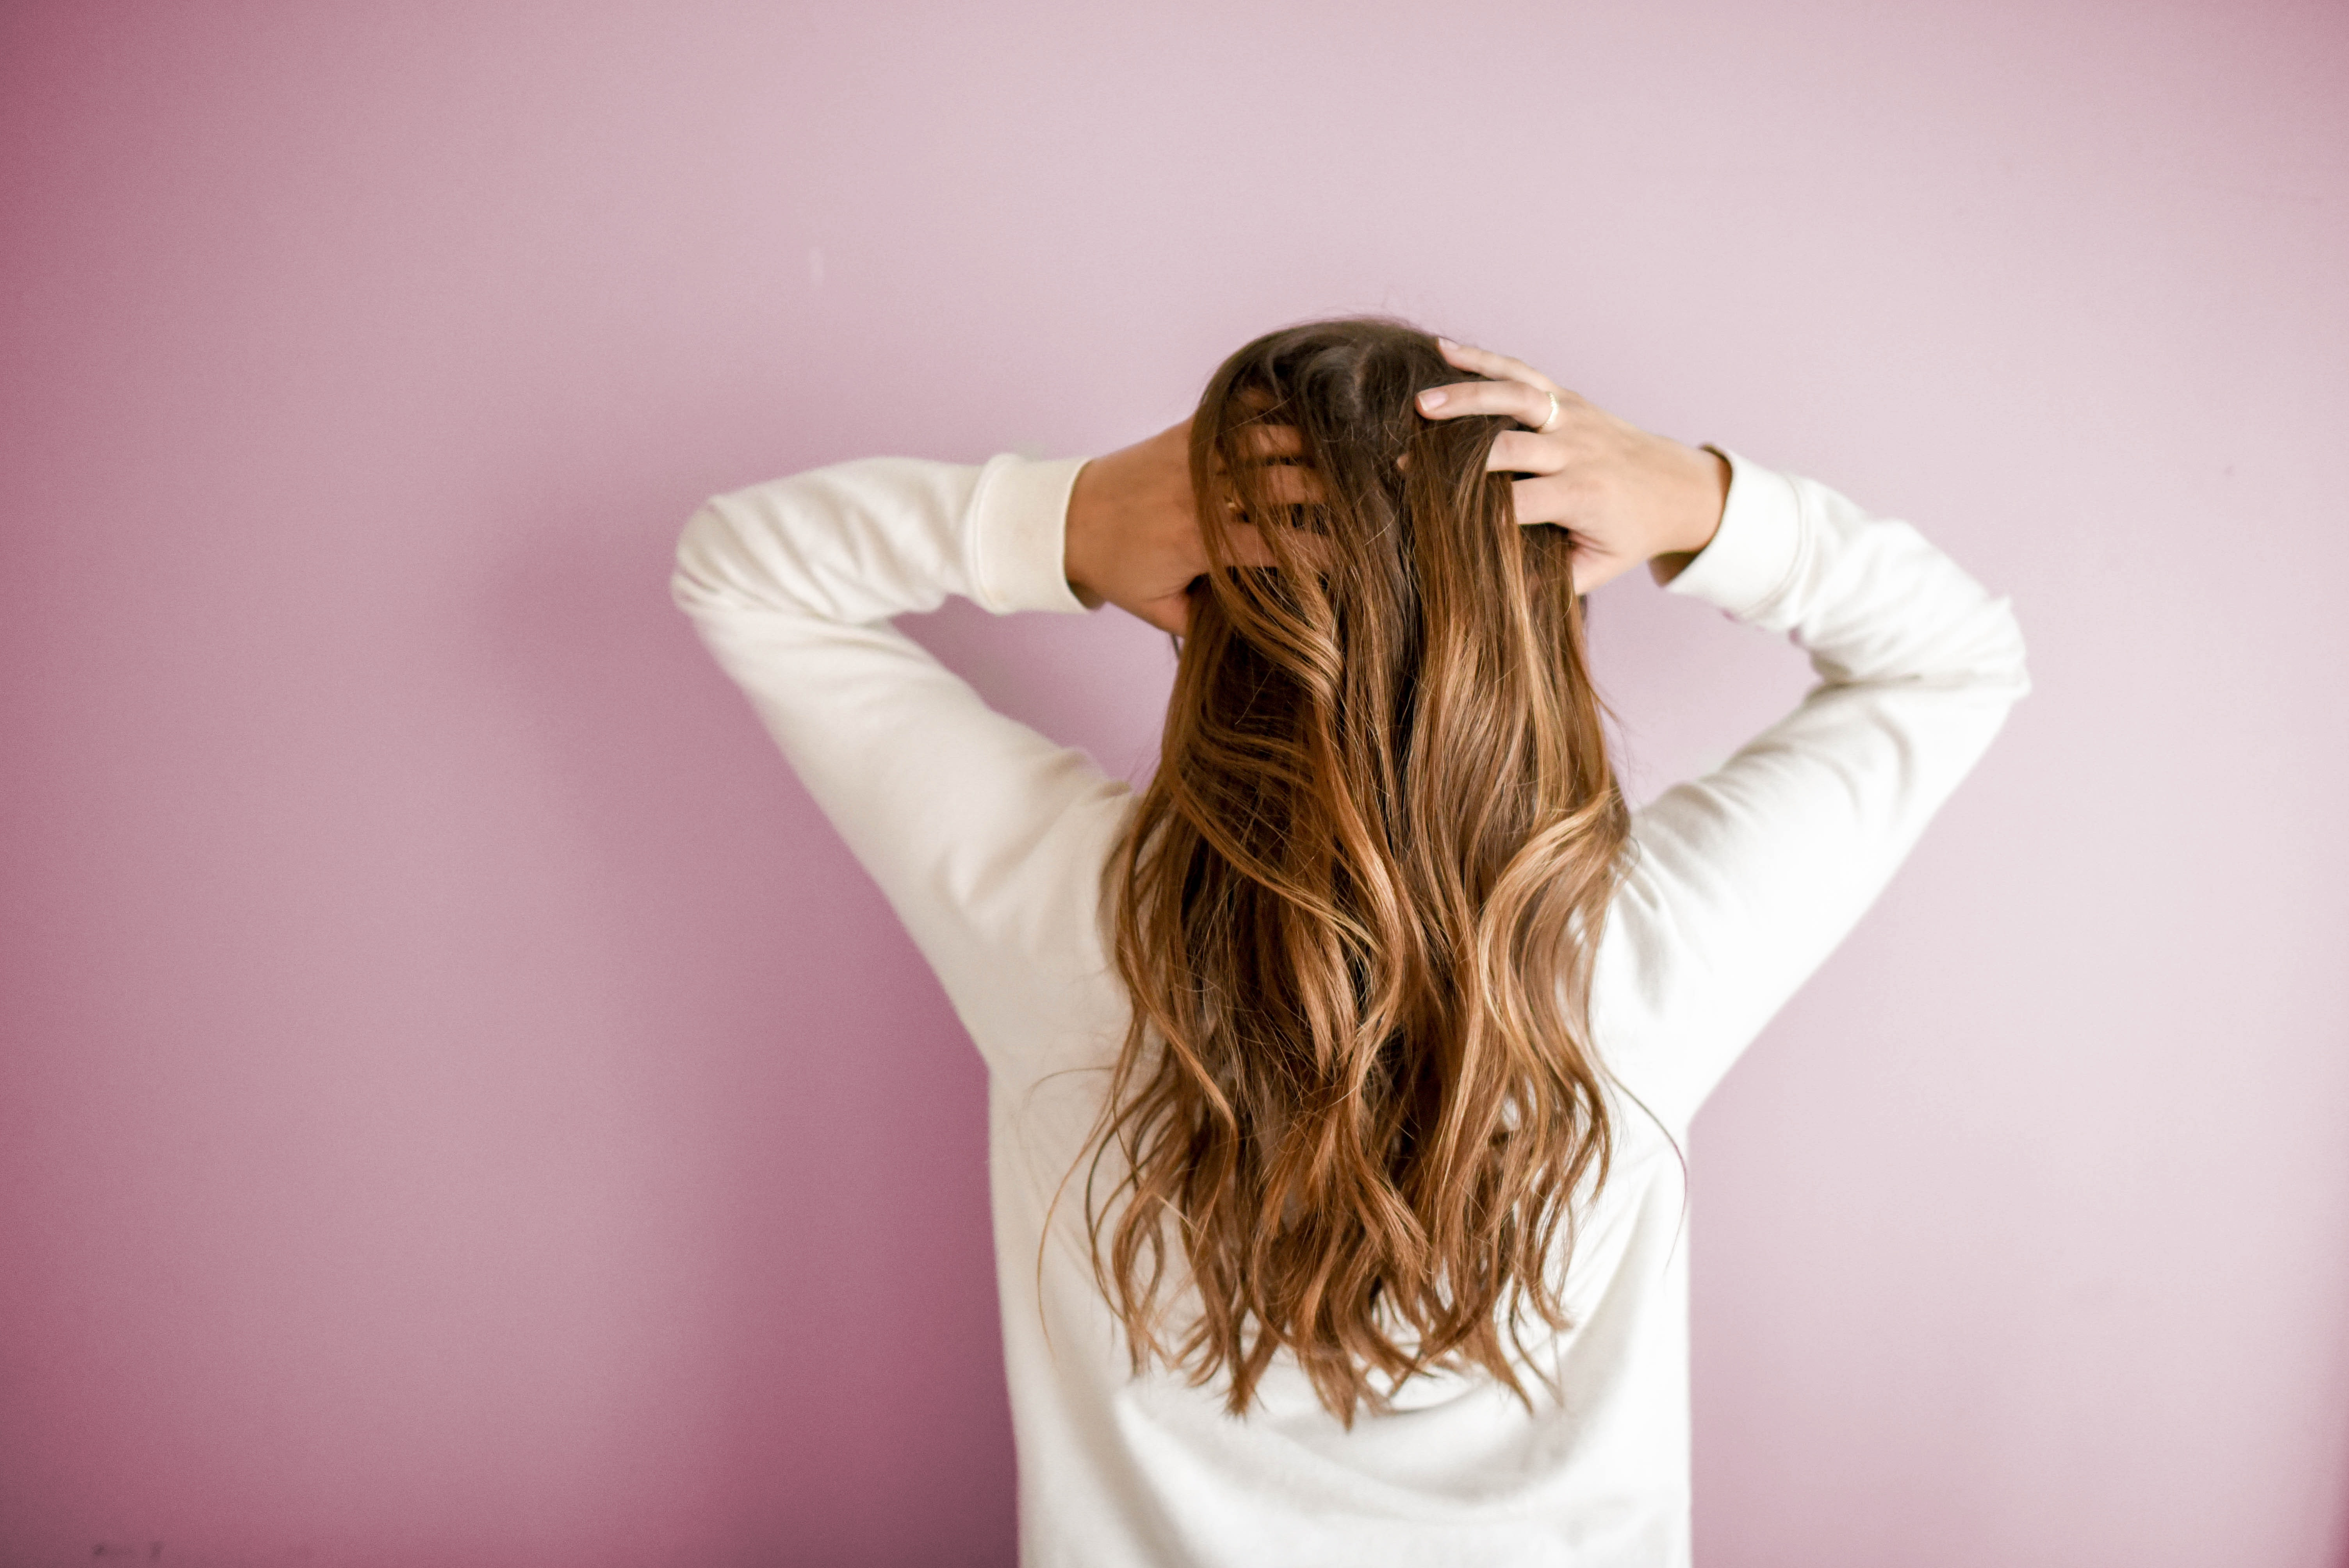 薄毛 抜け毛予防 女性の髪の毛が抜ける原因と対策 知ってる Hair